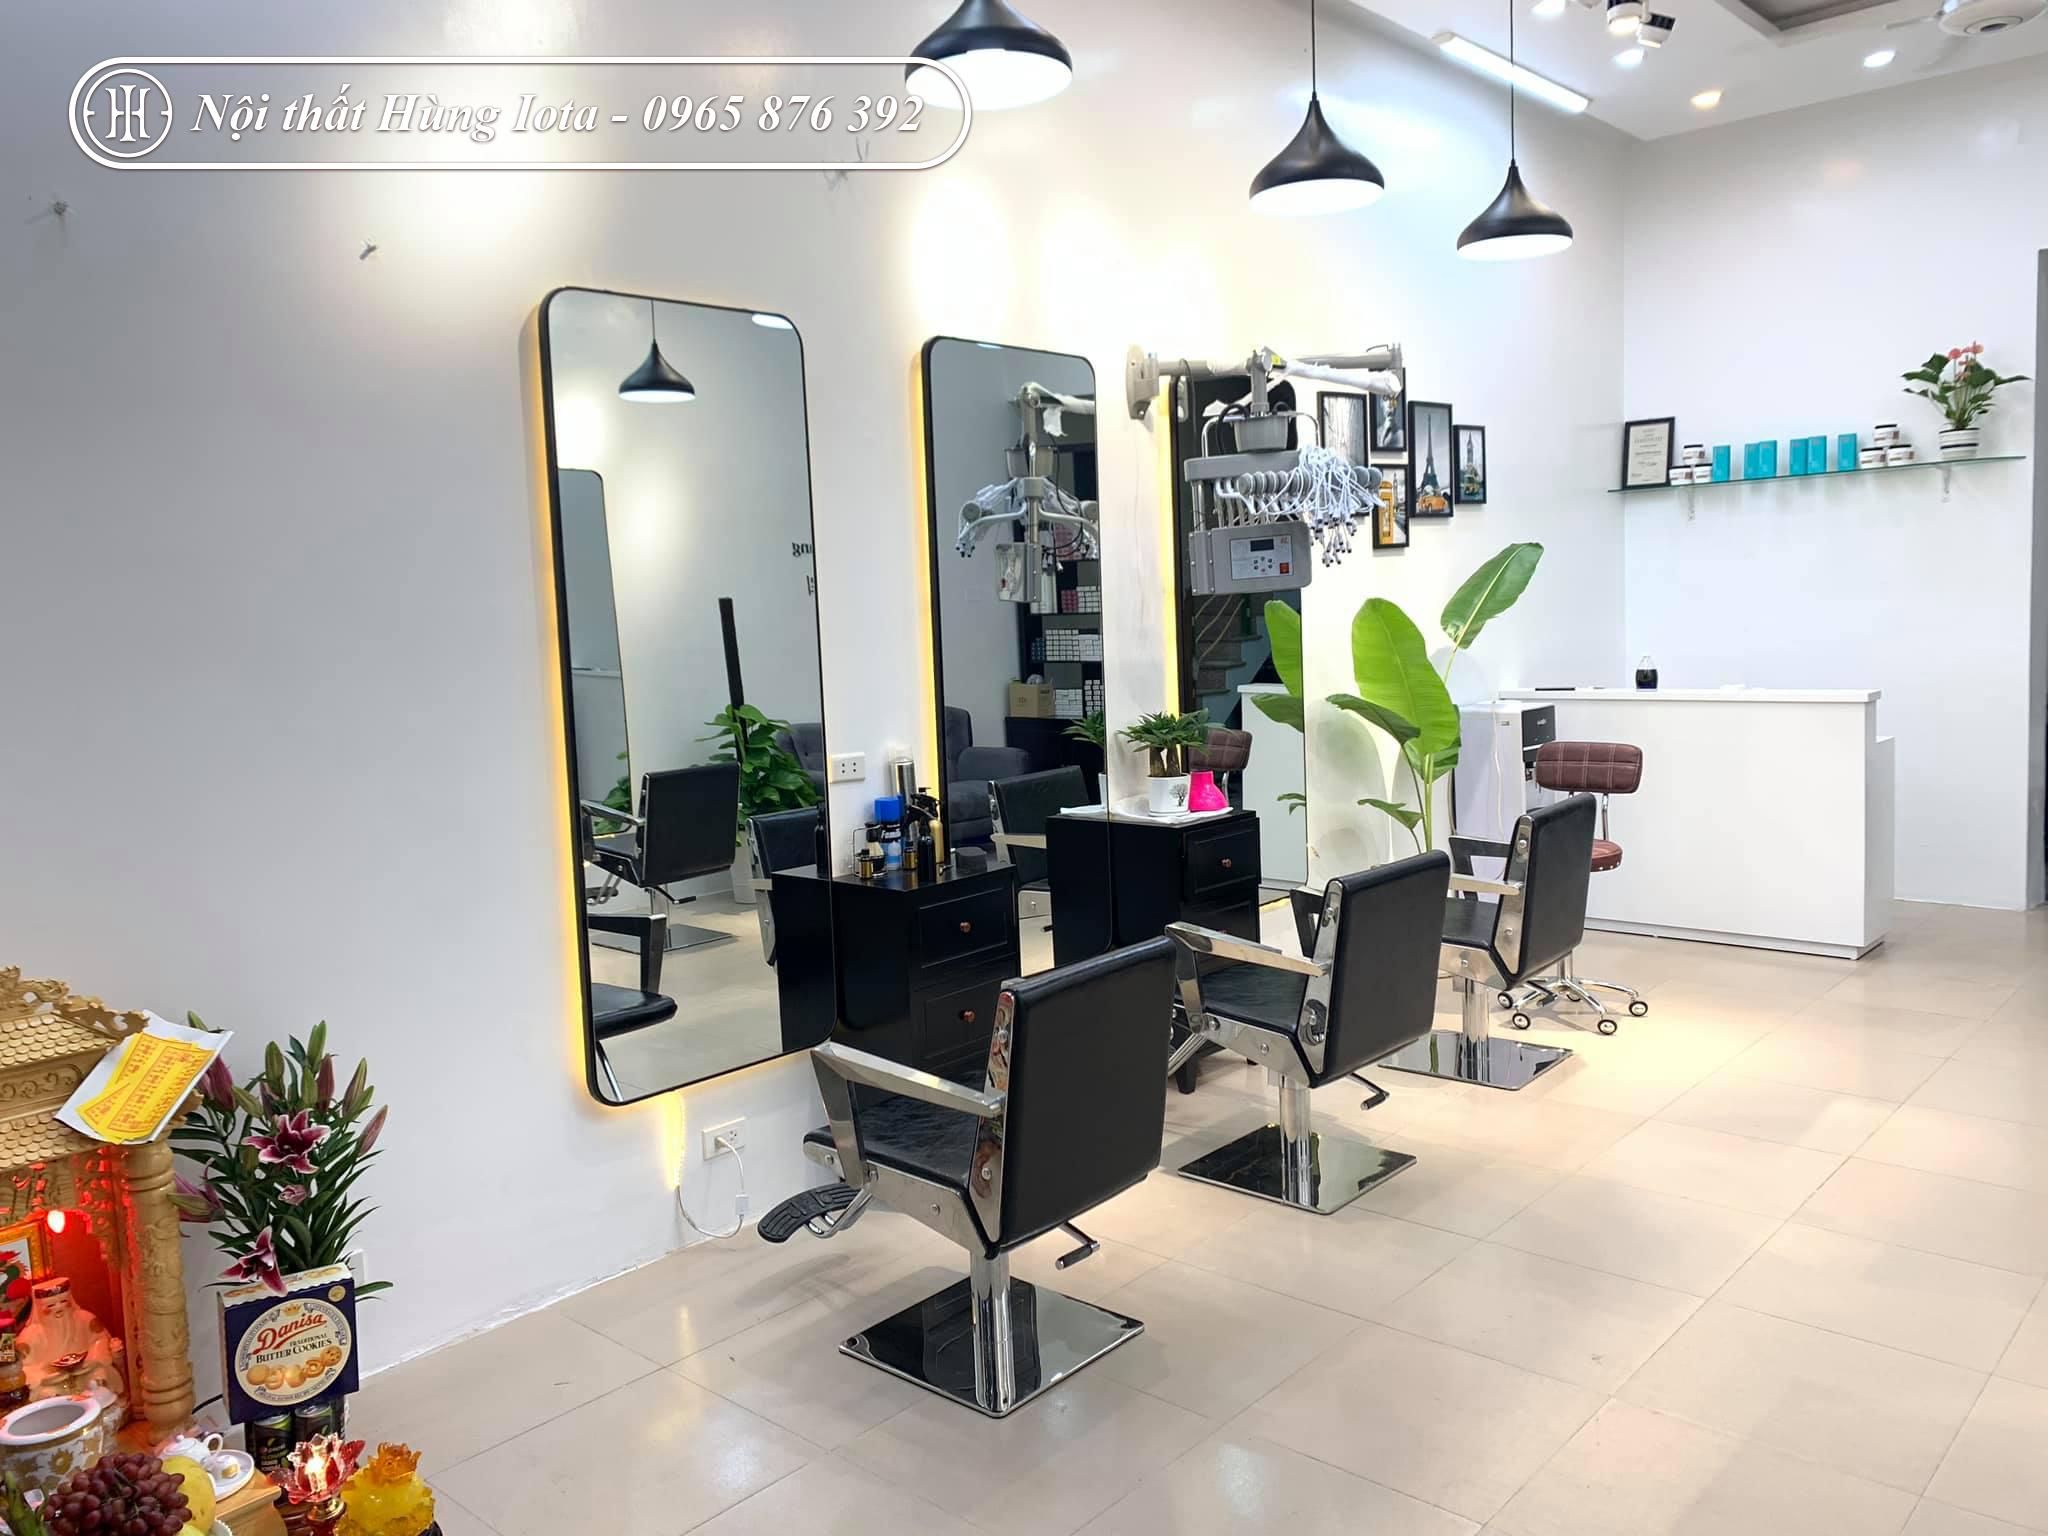 Gương cắt tóc hình chữ nhật bo 4 góc có đèn led đẹp giá rẻ